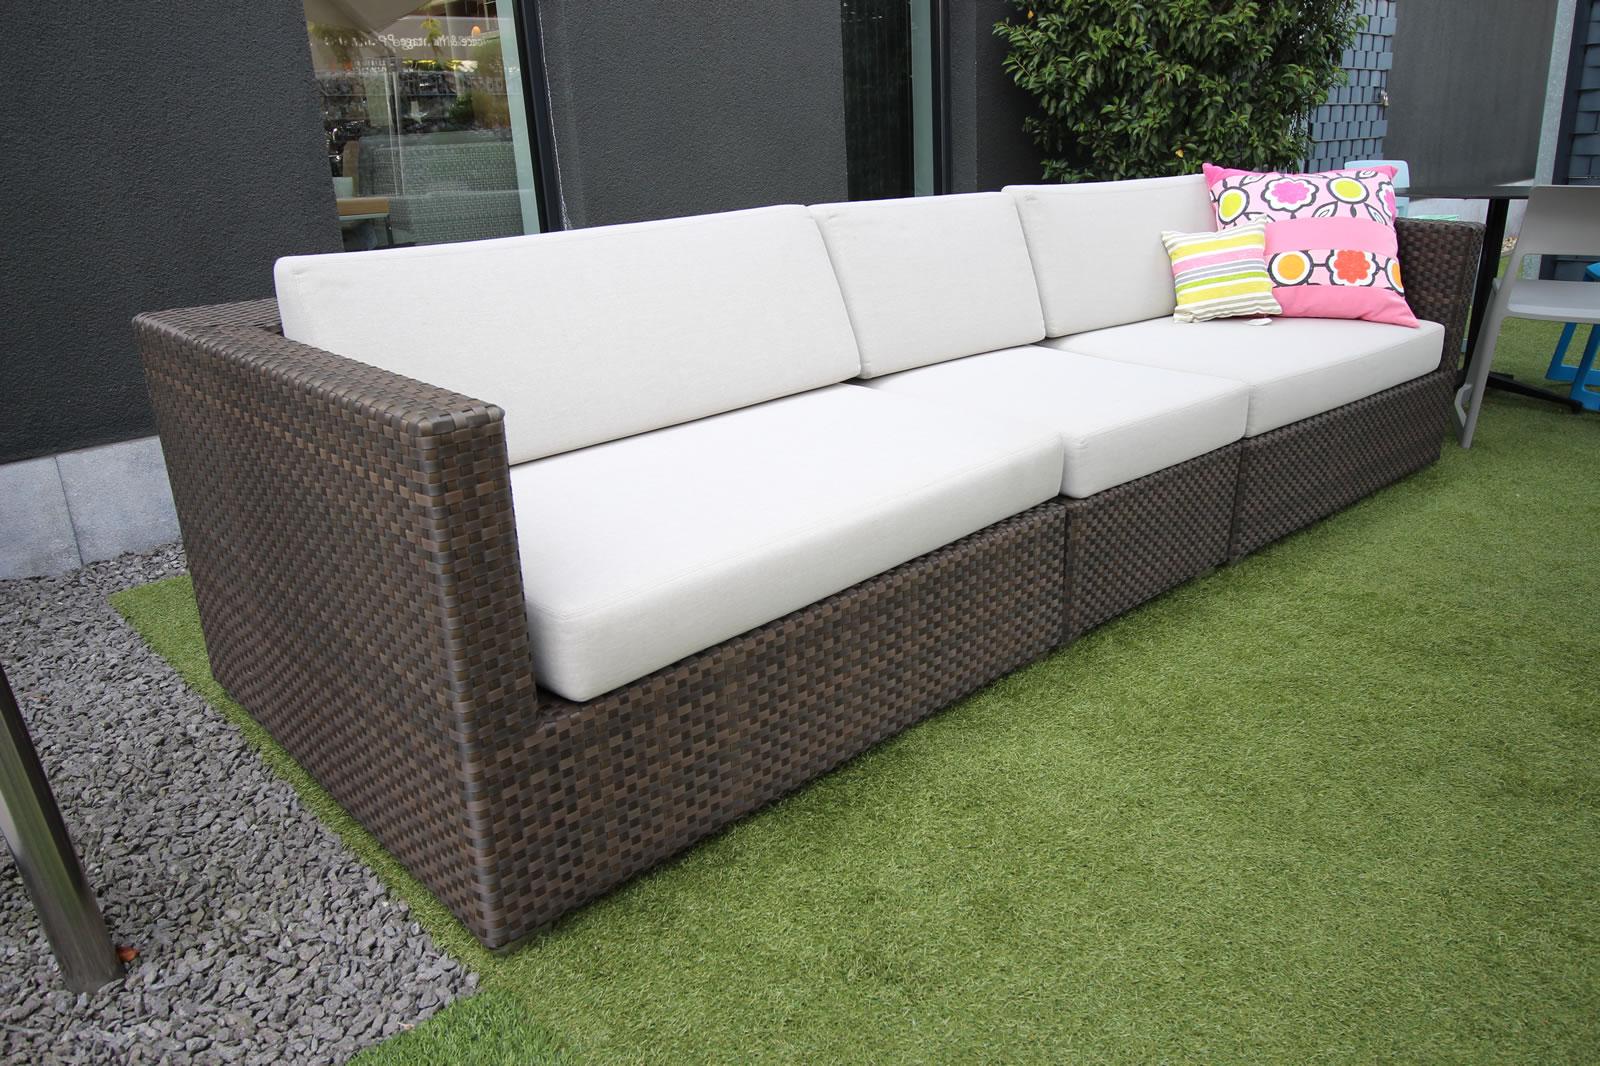 dedon outdoor design m bel drifte onlineshop exklusive. Black Bedroom Furniture Sets. Home Design Ideas